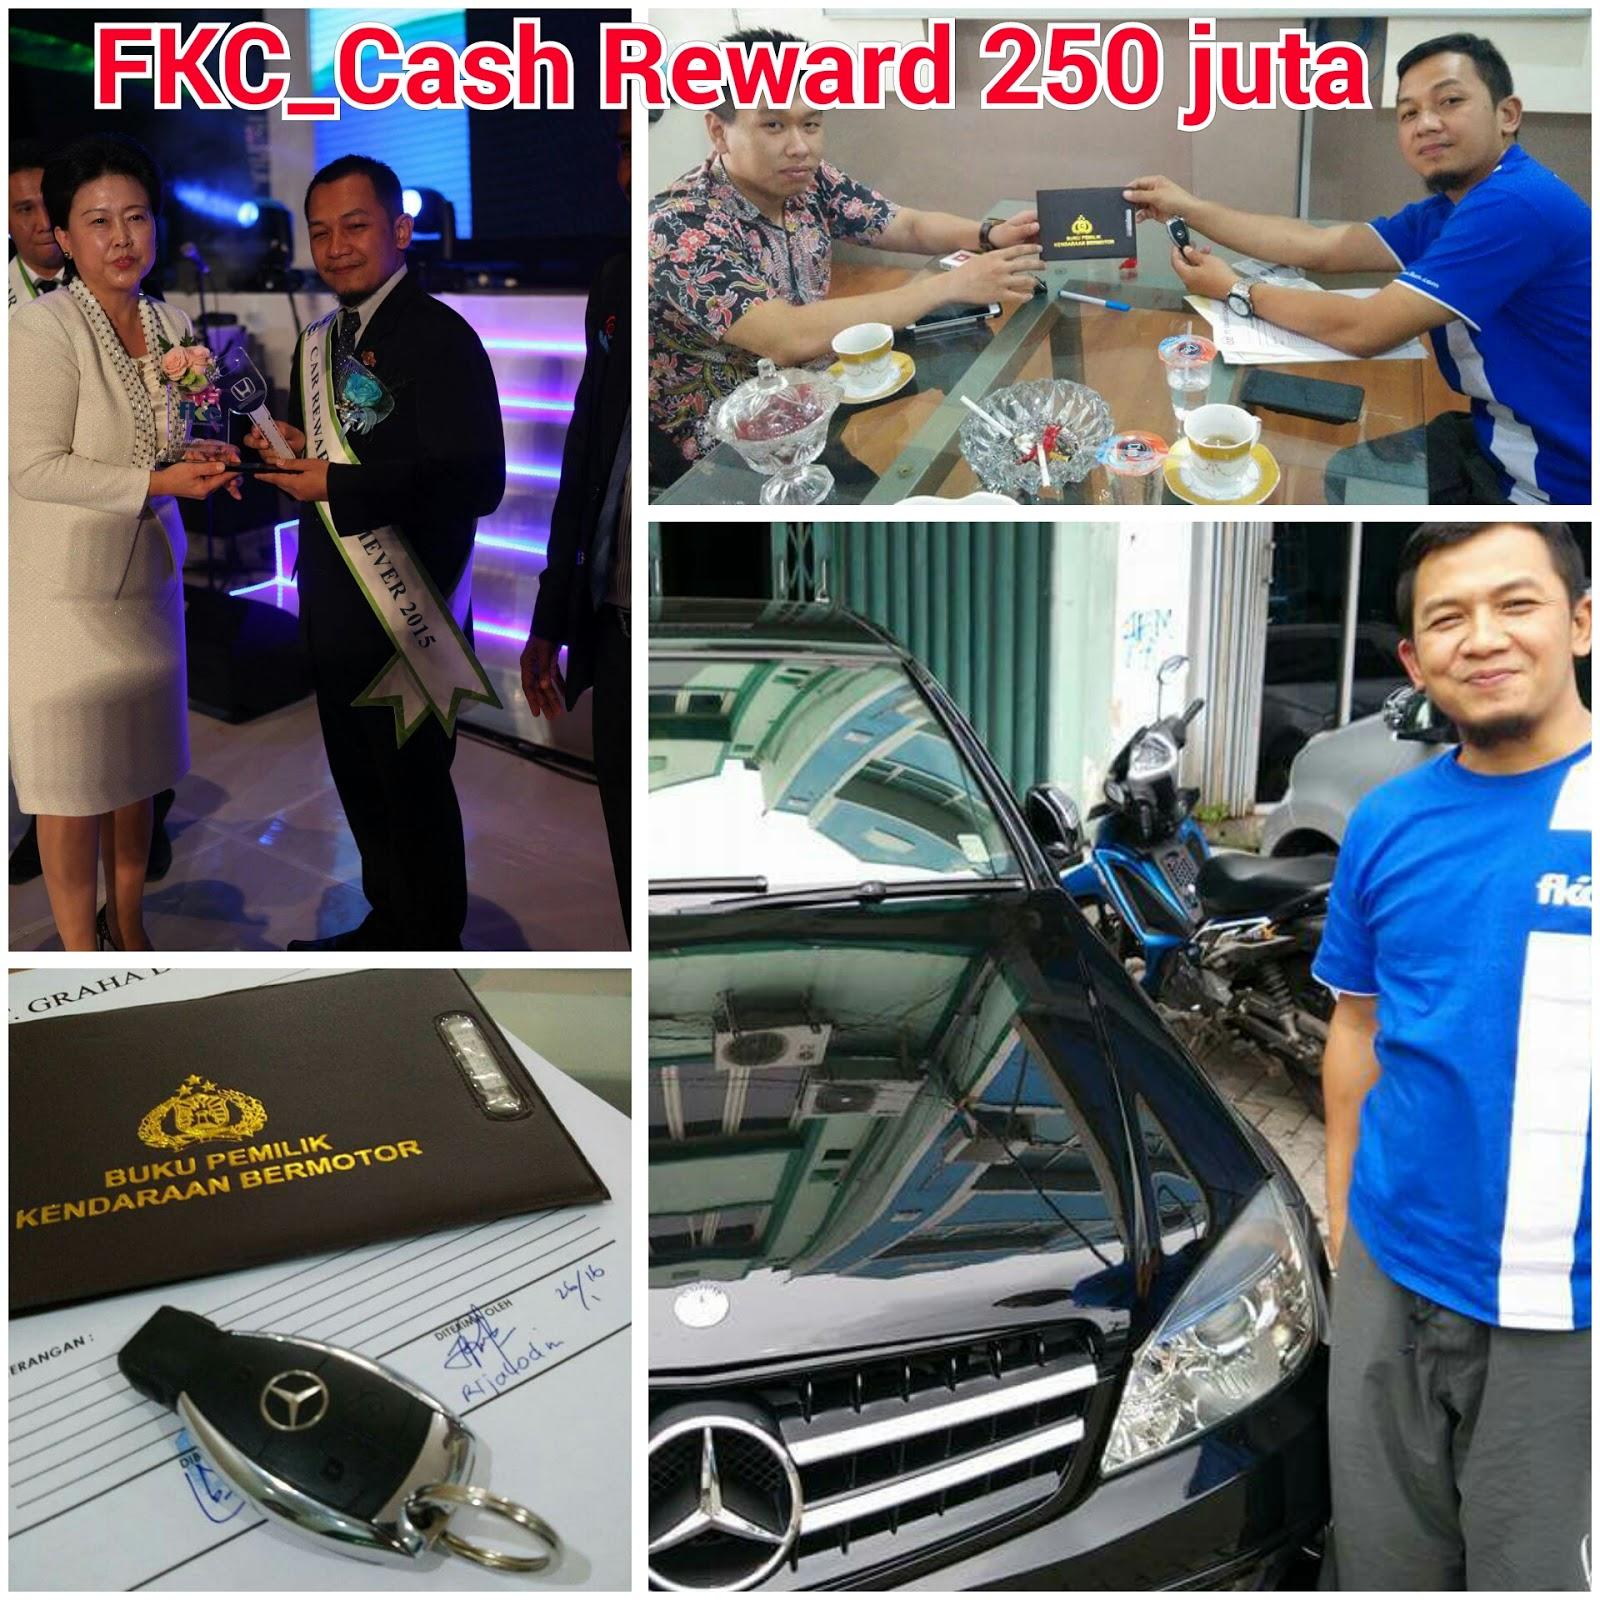 Bisnis Fkc Syariah - Reward Mohammad Rijalodin